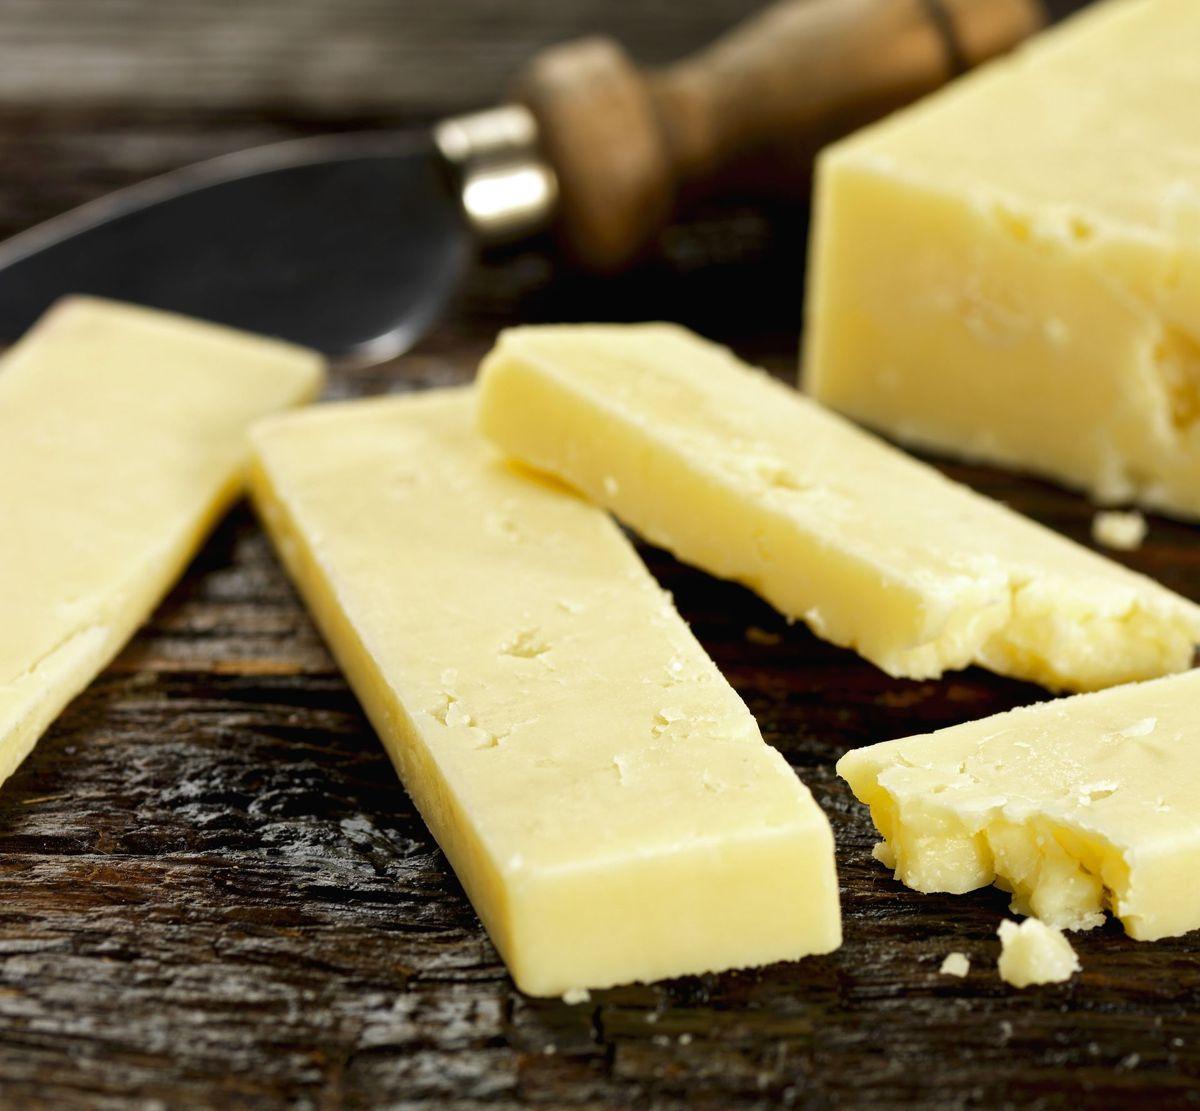 En udenlandsk cheddarost er blevet trukket tilbage efter fund af listeria.